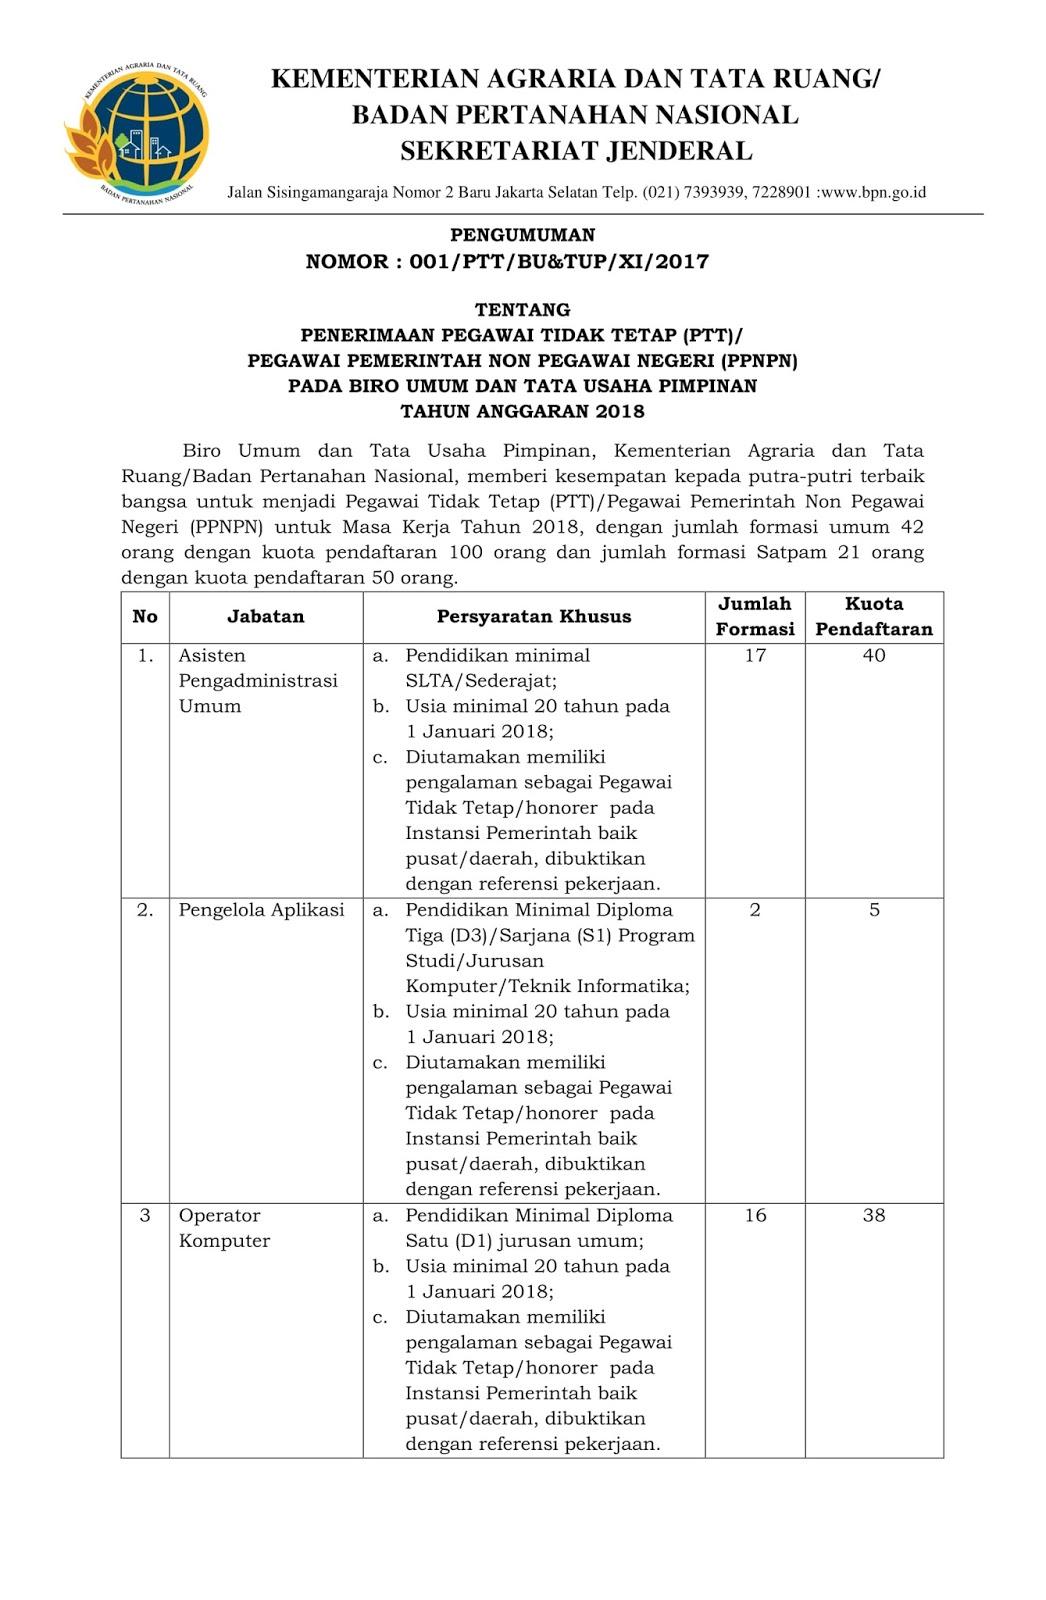 Lowongan Kerja  Rekrutmen Lowongan Kementerian Agraria dan Tata Ruang Tingkat SLTA/Sederajat [63 Formasi]  Juni 2018